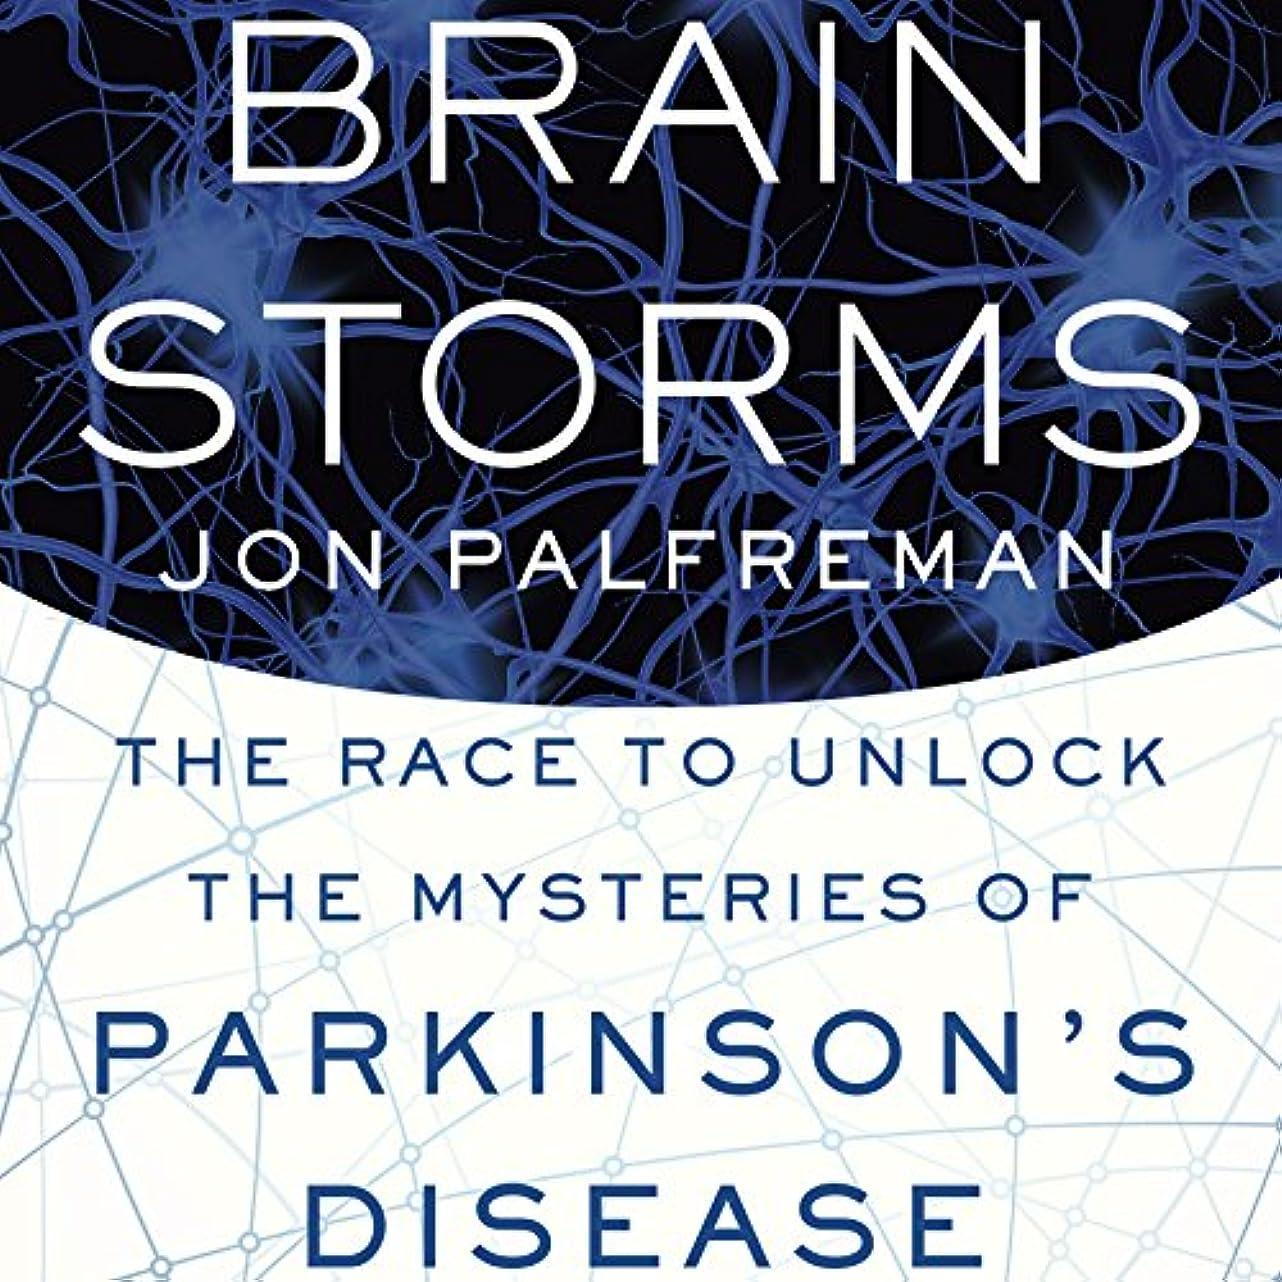 解く教室識別Brain Storms: The Race to Unlock the Mysteries of Parkinson's Disease